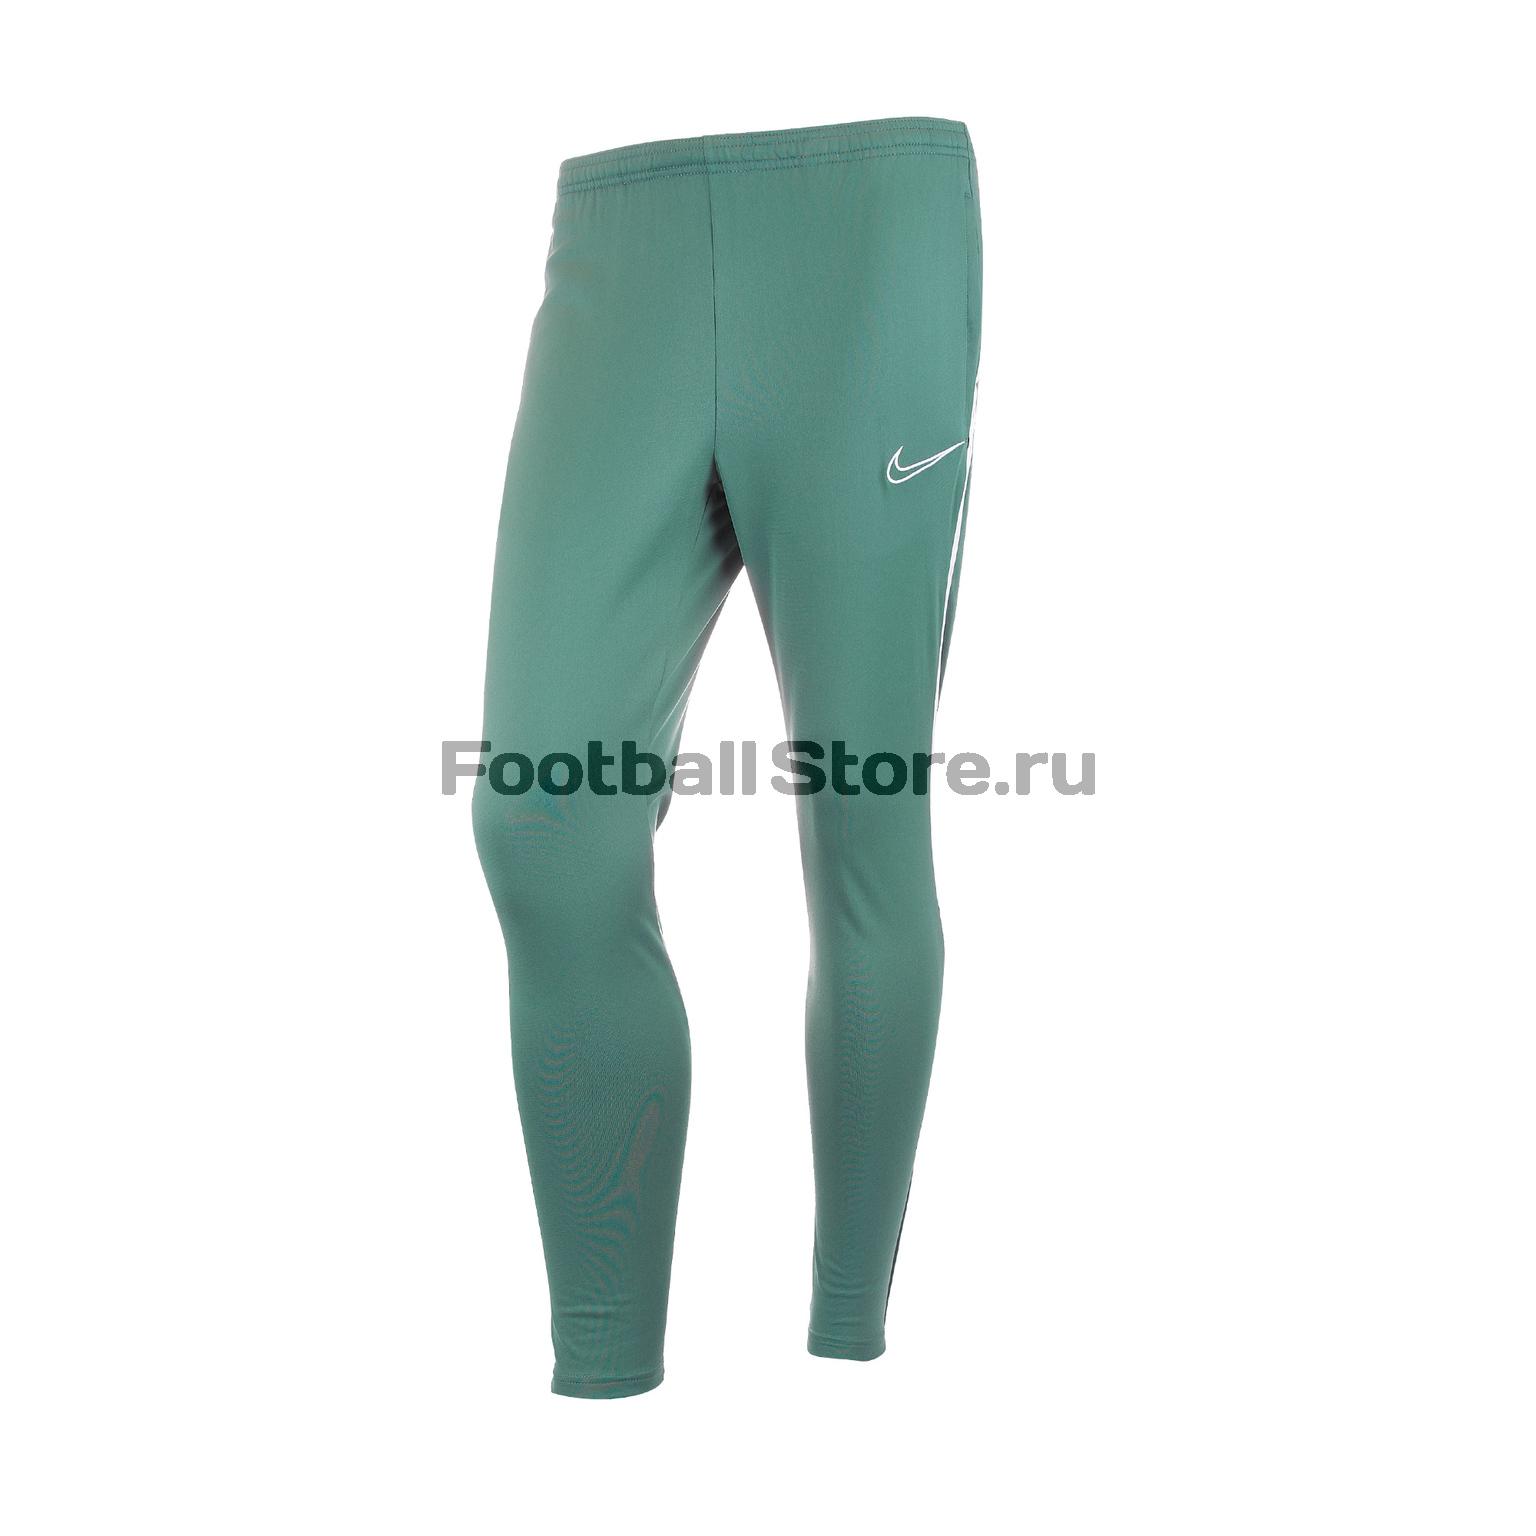 Брюки тренировочные Nike Dry Academy Pant AT5647-362 цена и фото